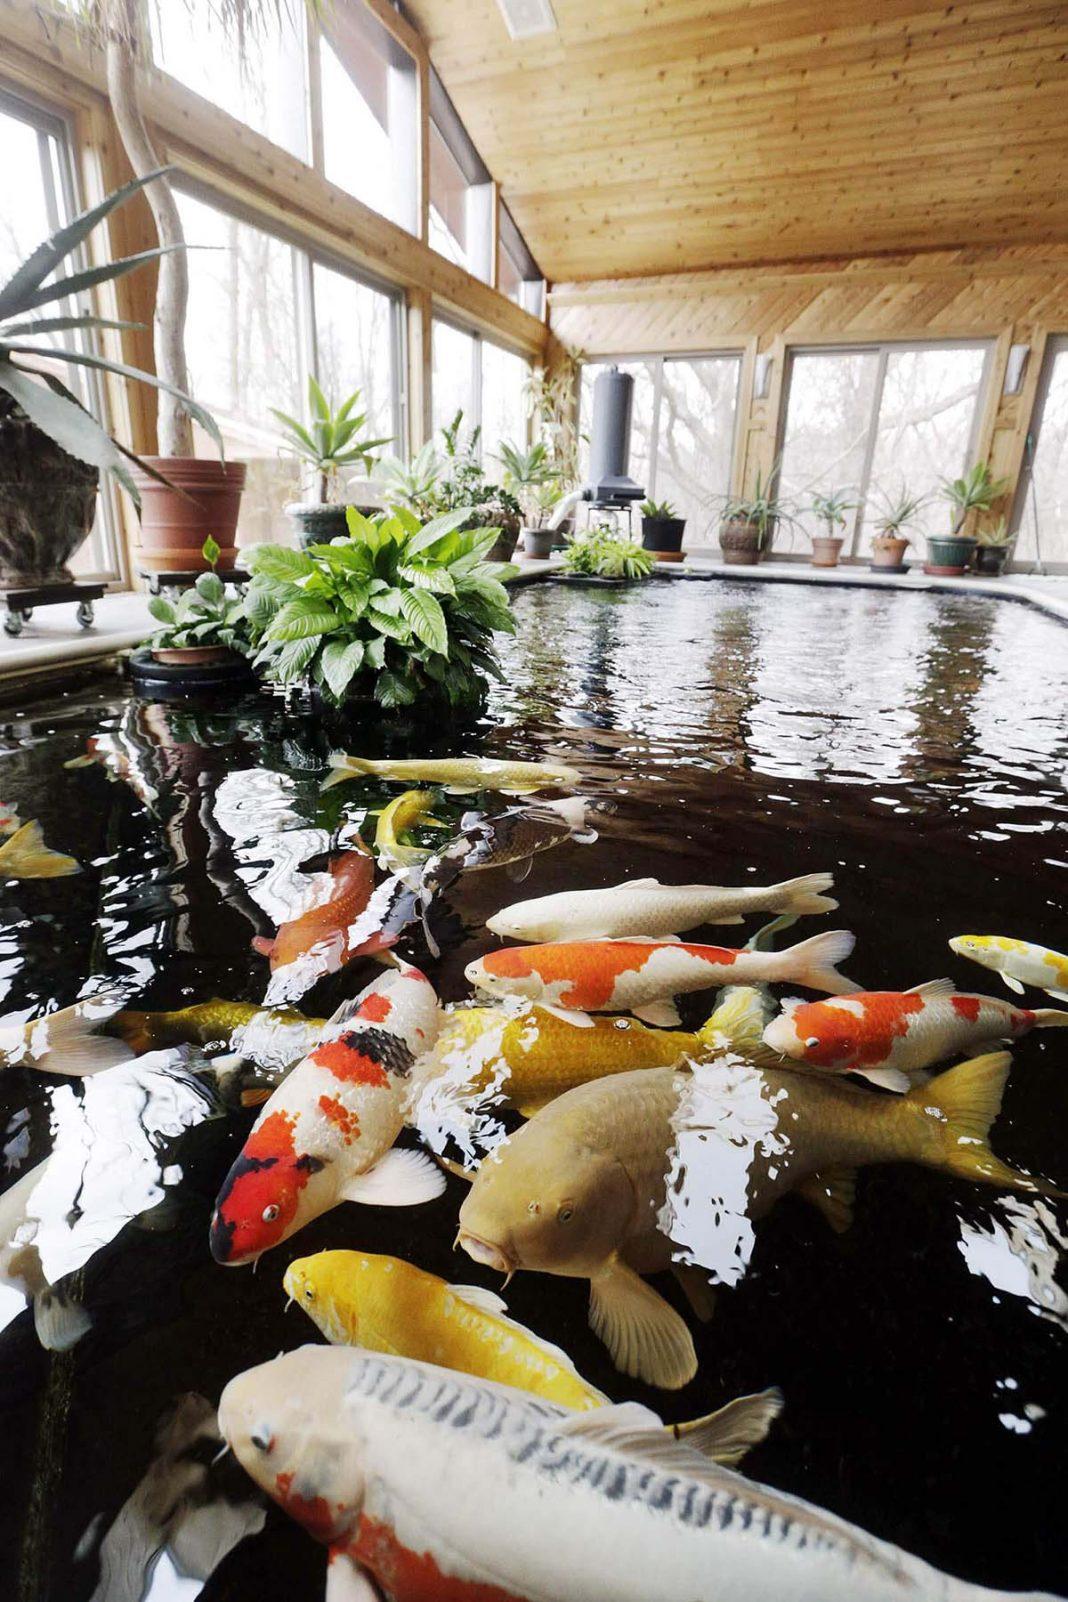 Mẫu hồ cá Koi hiện đại trong nhà 2